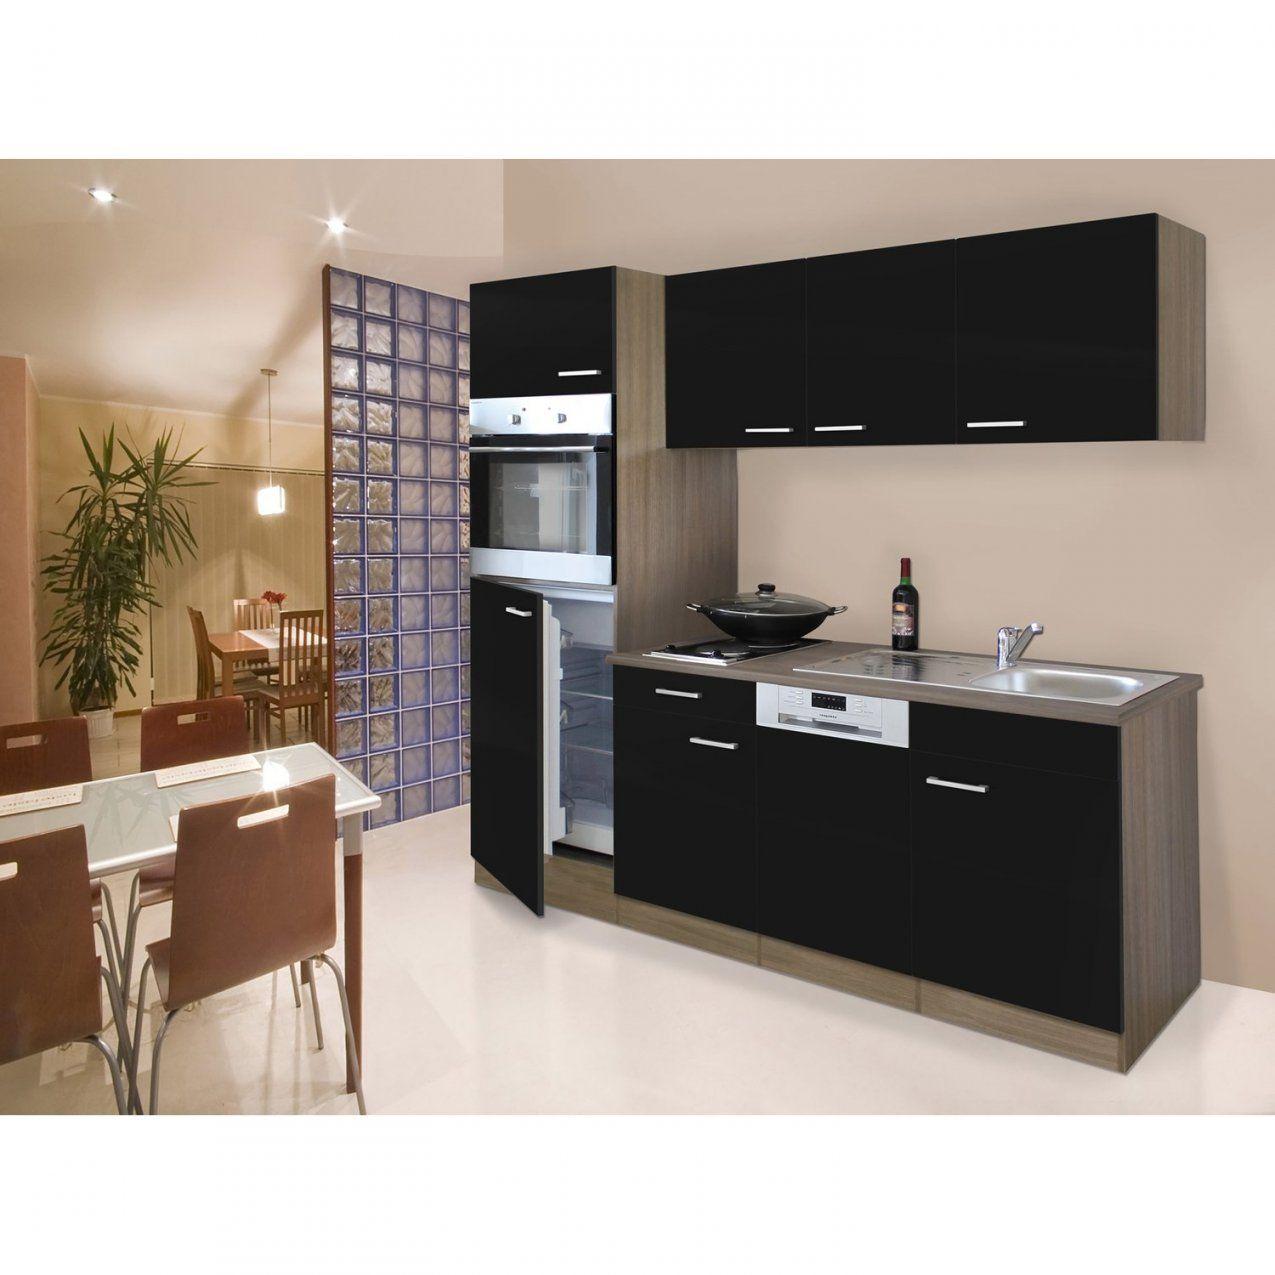 Küchenzeilen & Miniküchen Günstig Online Kaufen Bei Obi von Küche Mit E Geräten Ohne Kühlschrank Bild